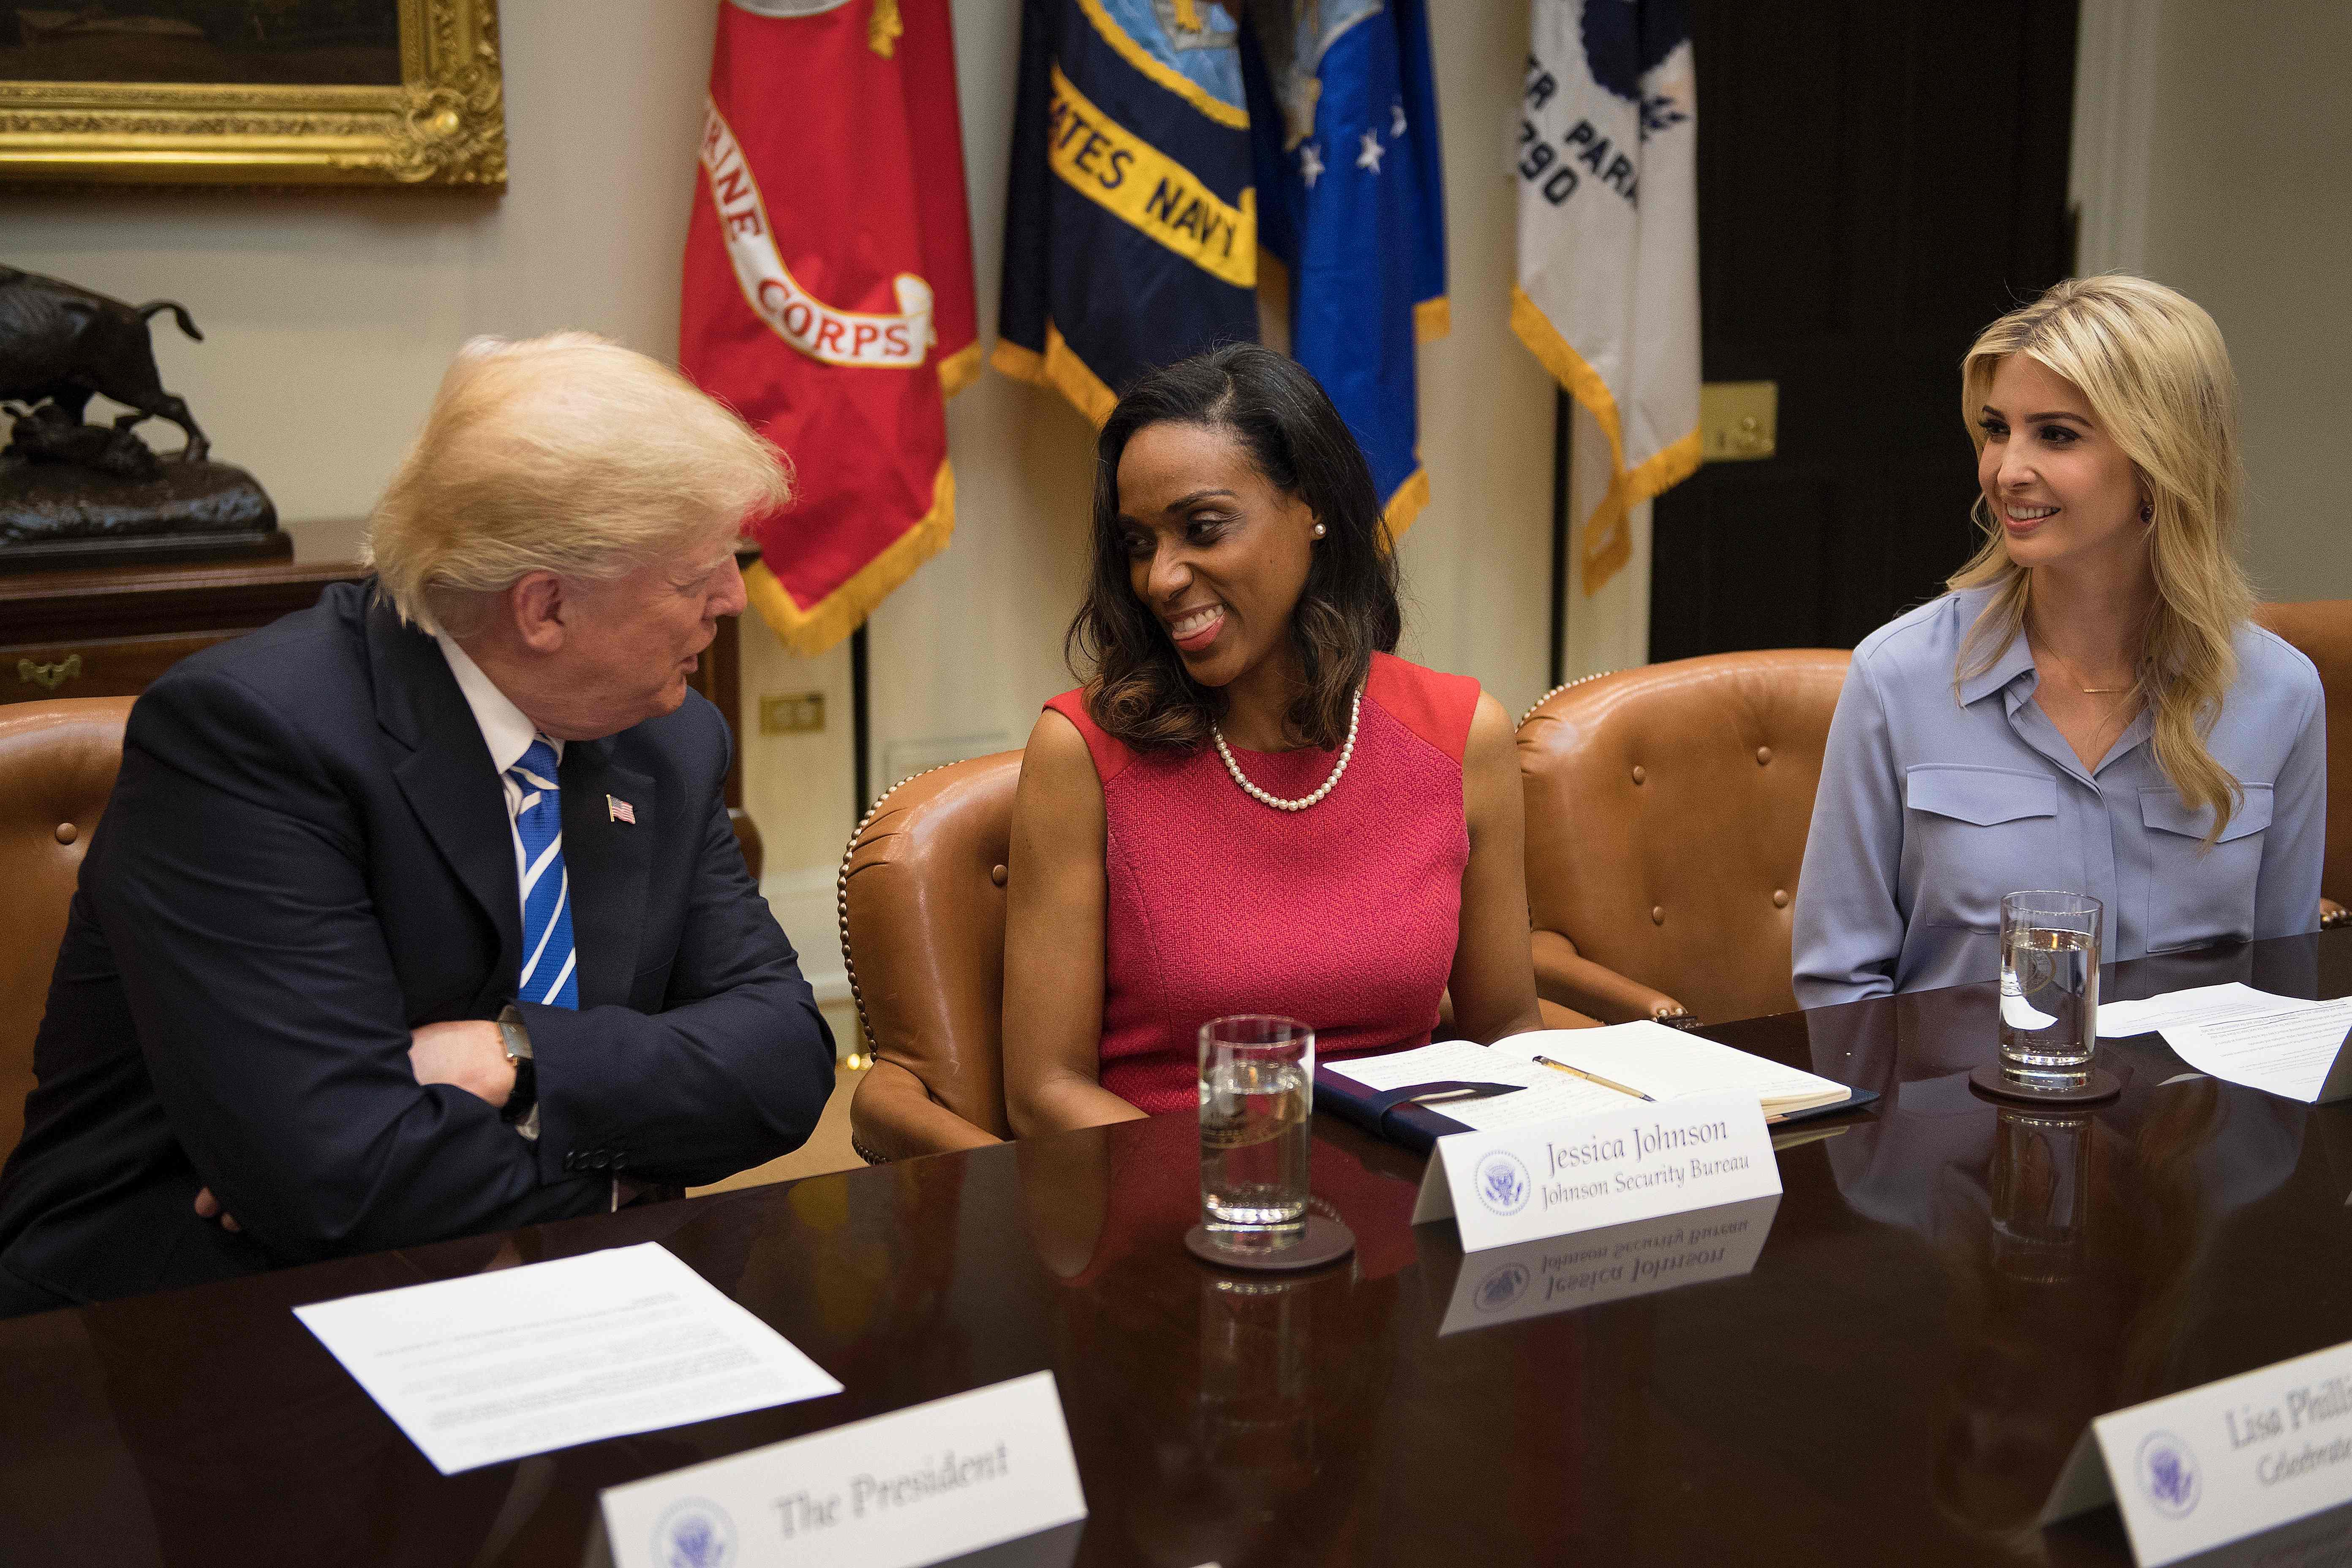 اجتماع ترامب بالنساء  (1)